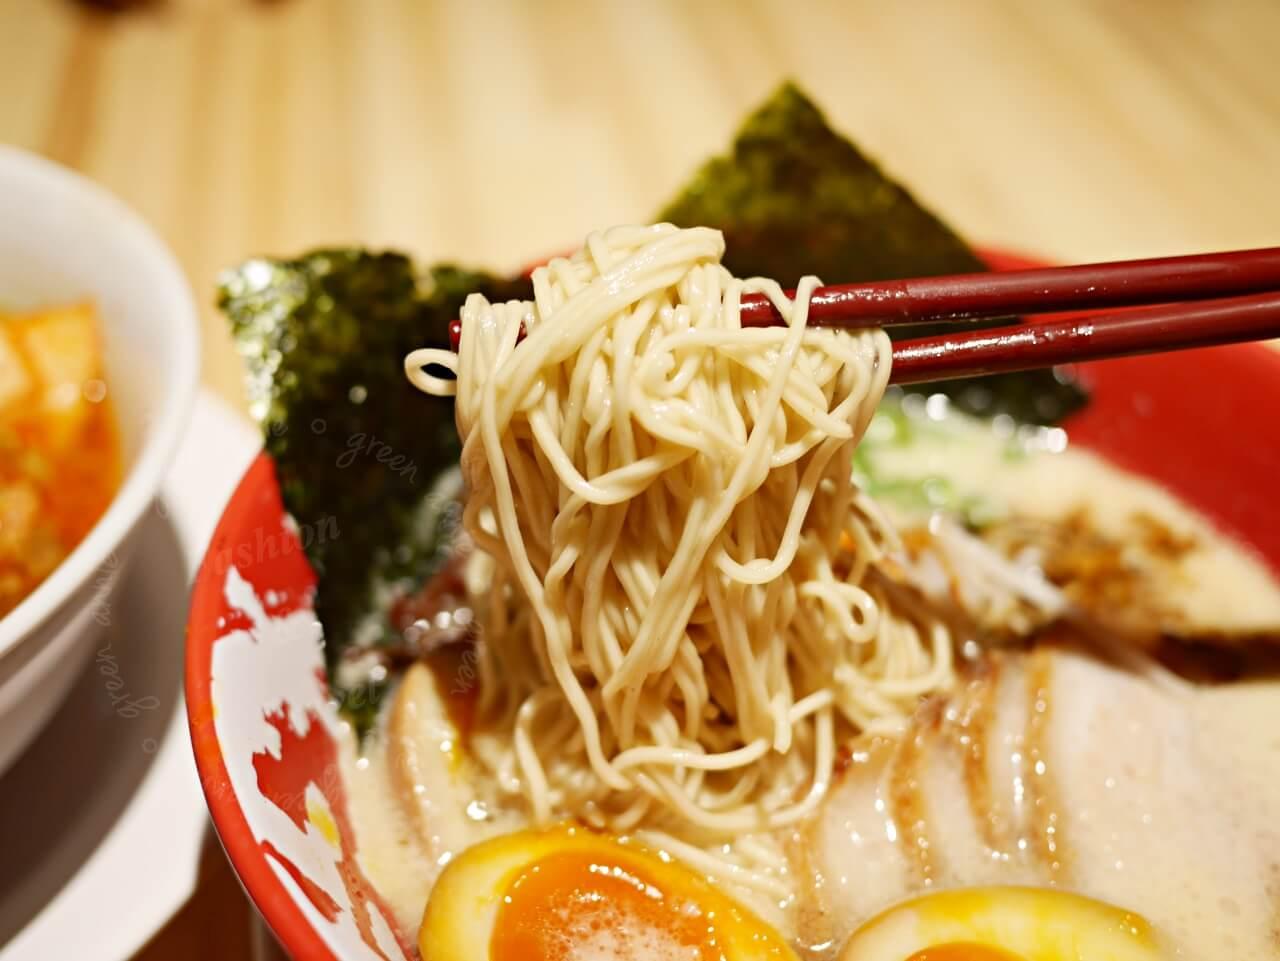 大直美食:誠屋拉麵食記。ATT 4 Recharge(更名為ATT e Life)大直新地標有米其林餐廳、美食餐廳、親子互動空間。